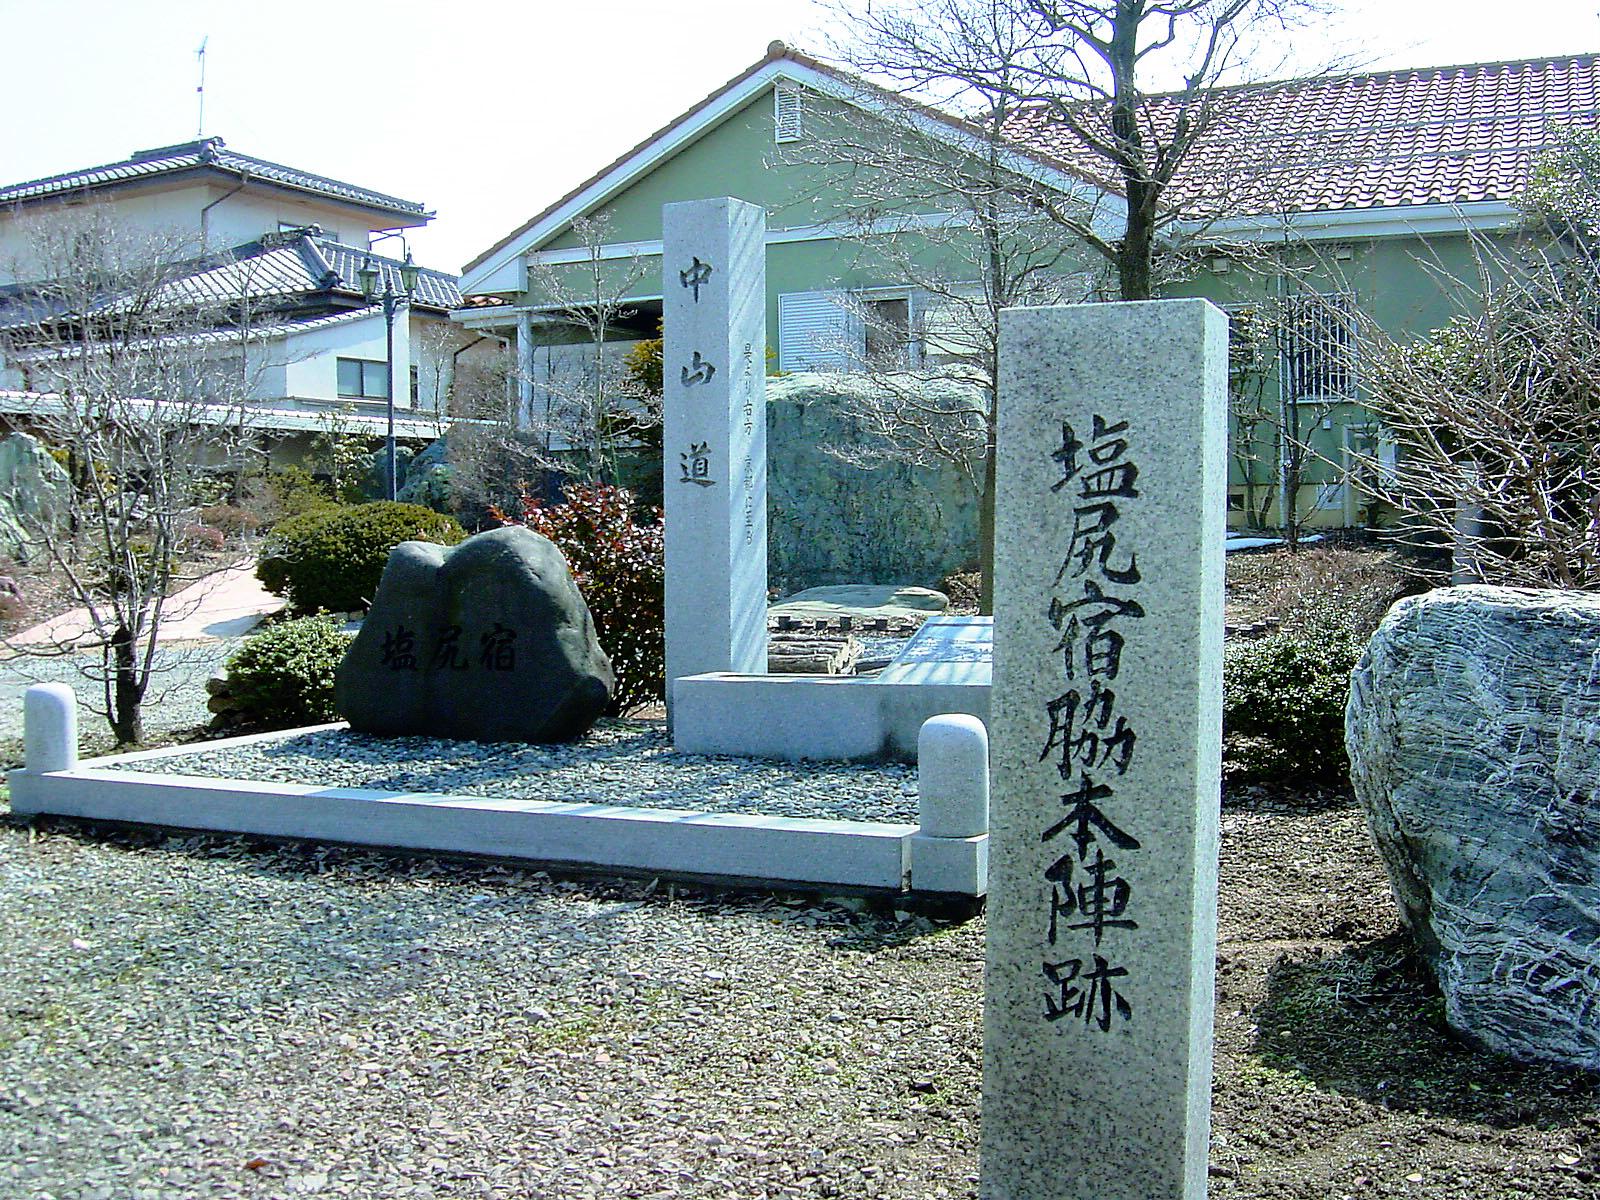 中山道街道ウォーキング【開催延期】